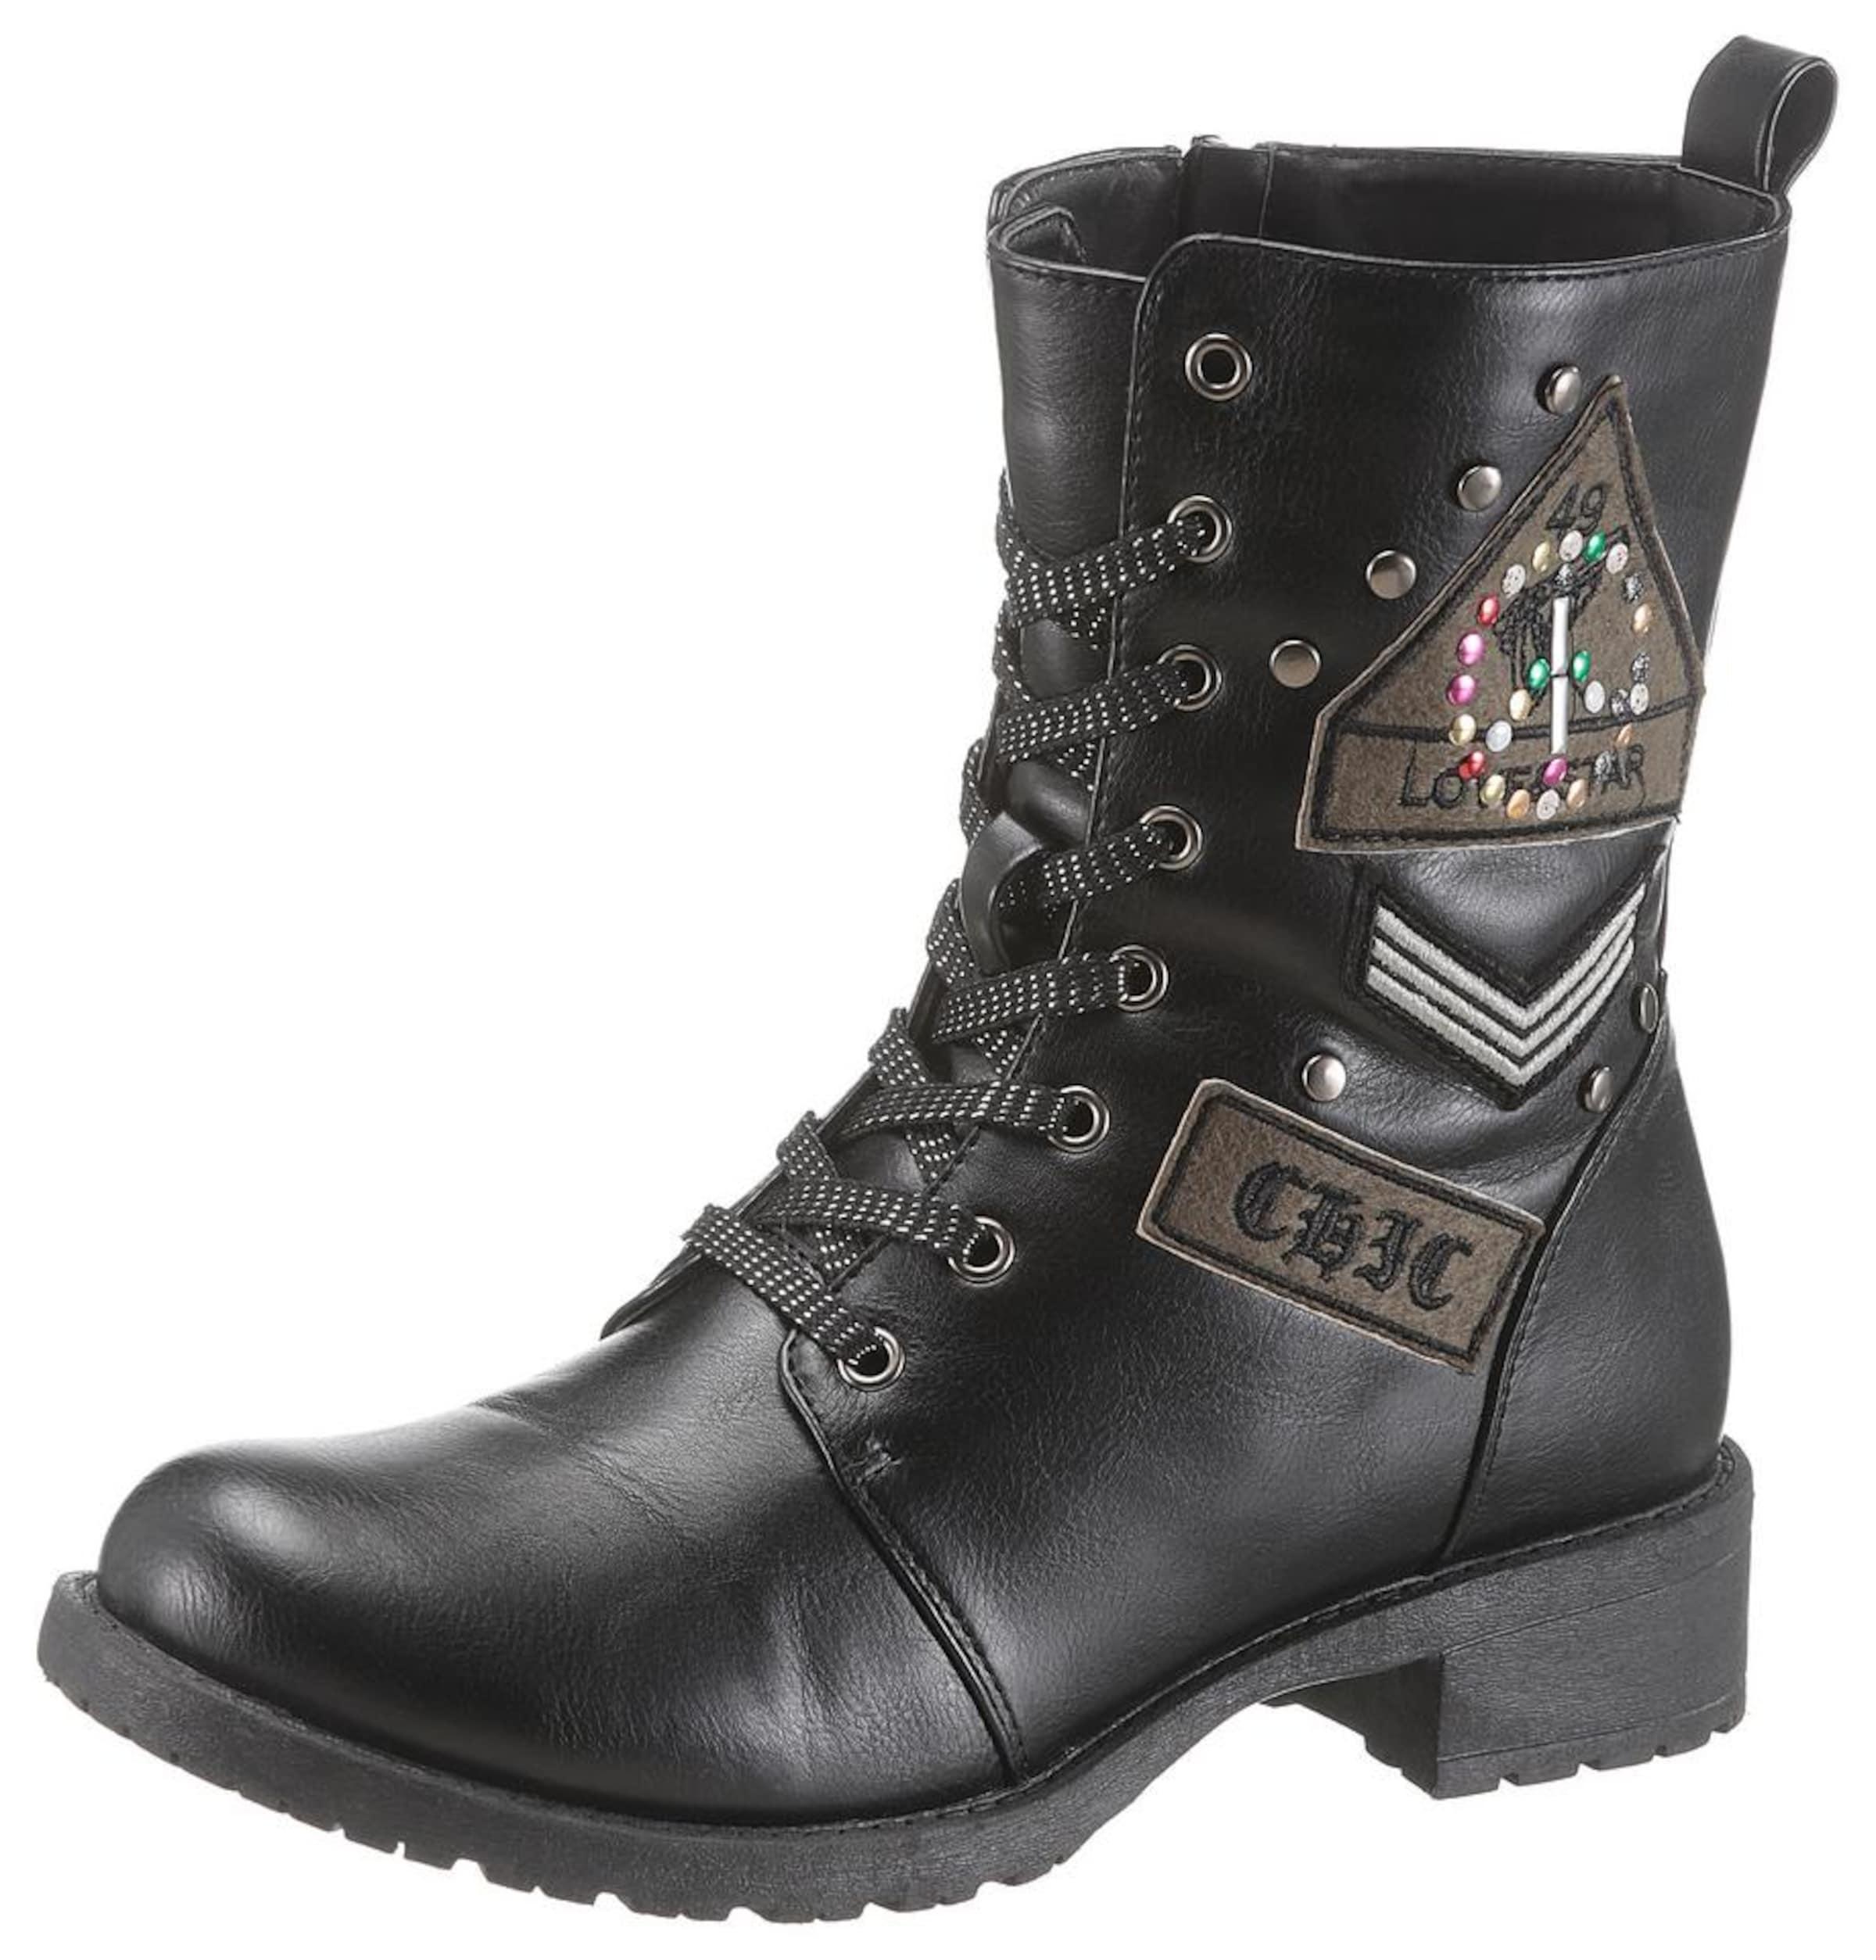 CITY WALK Schnürstiefelette Günstige und langlebige Schuhe